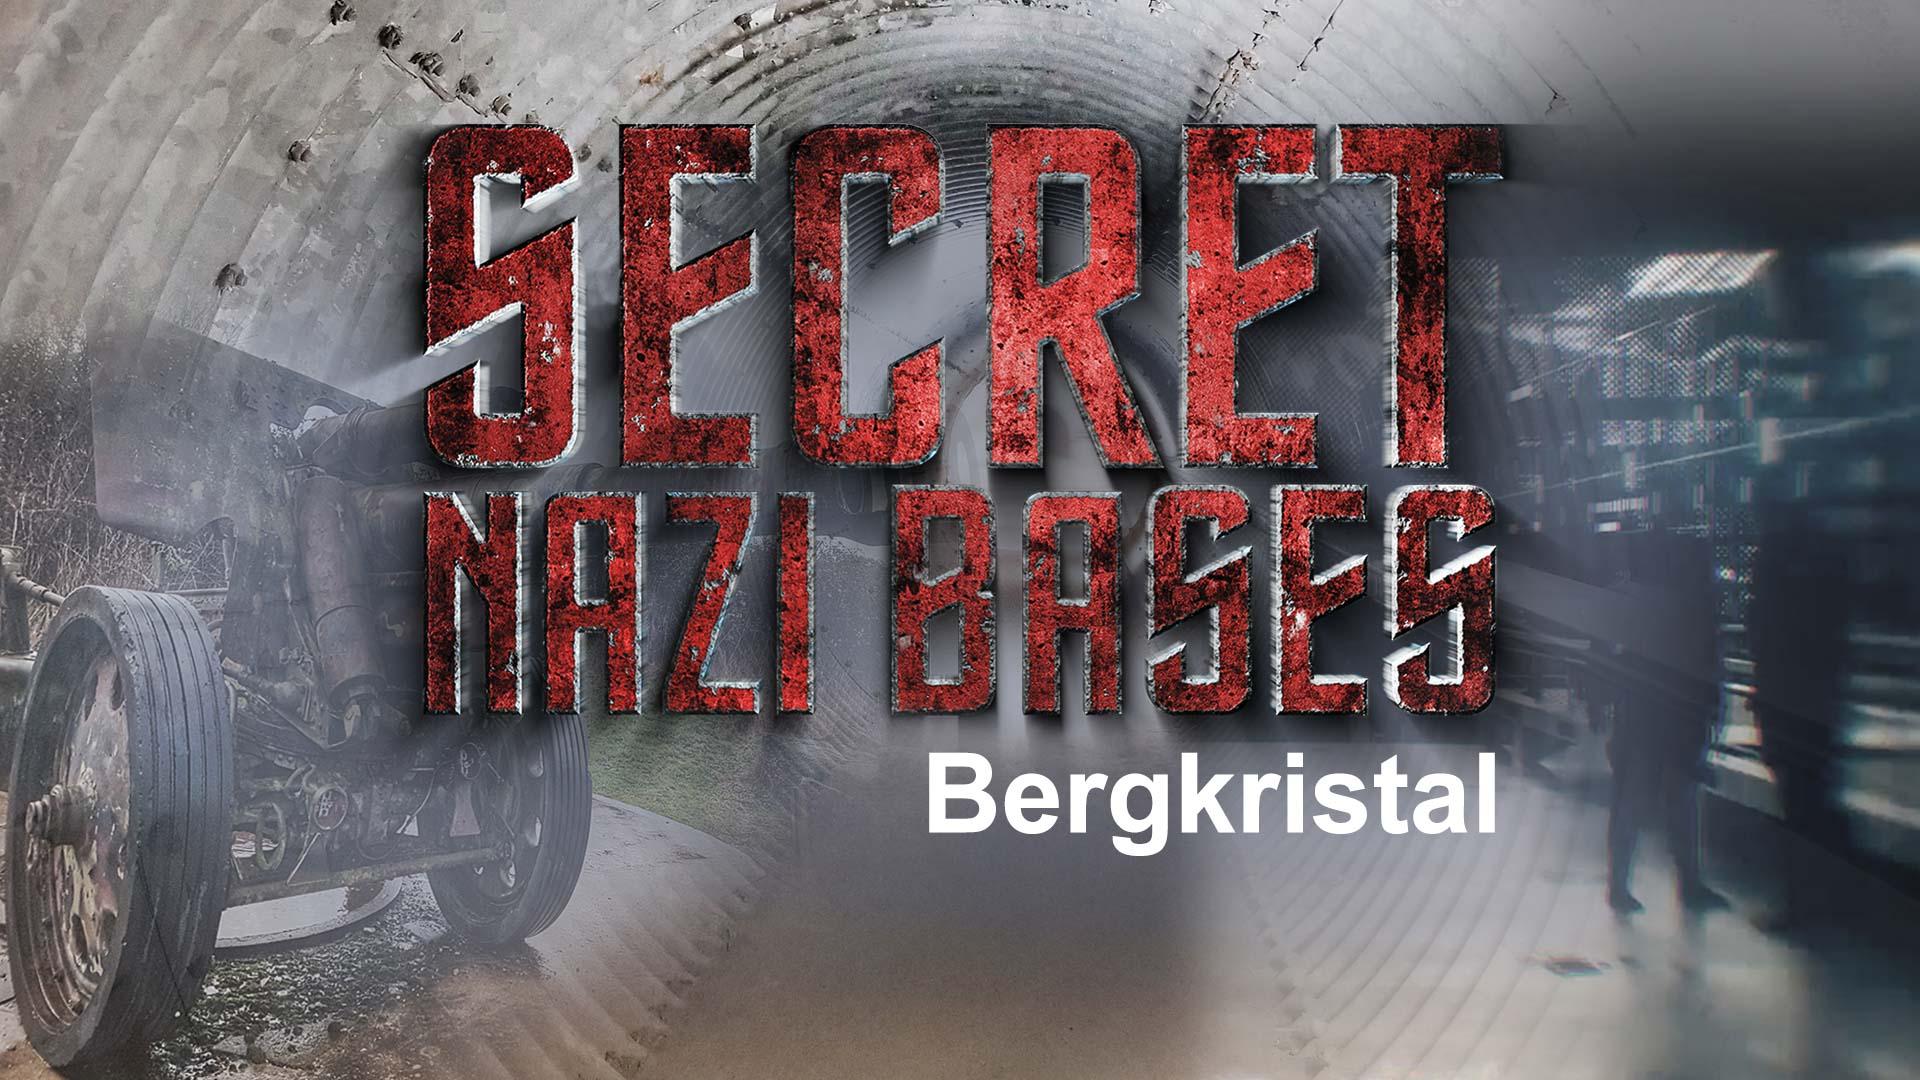 Secret Nazi Bases: Bergkristal